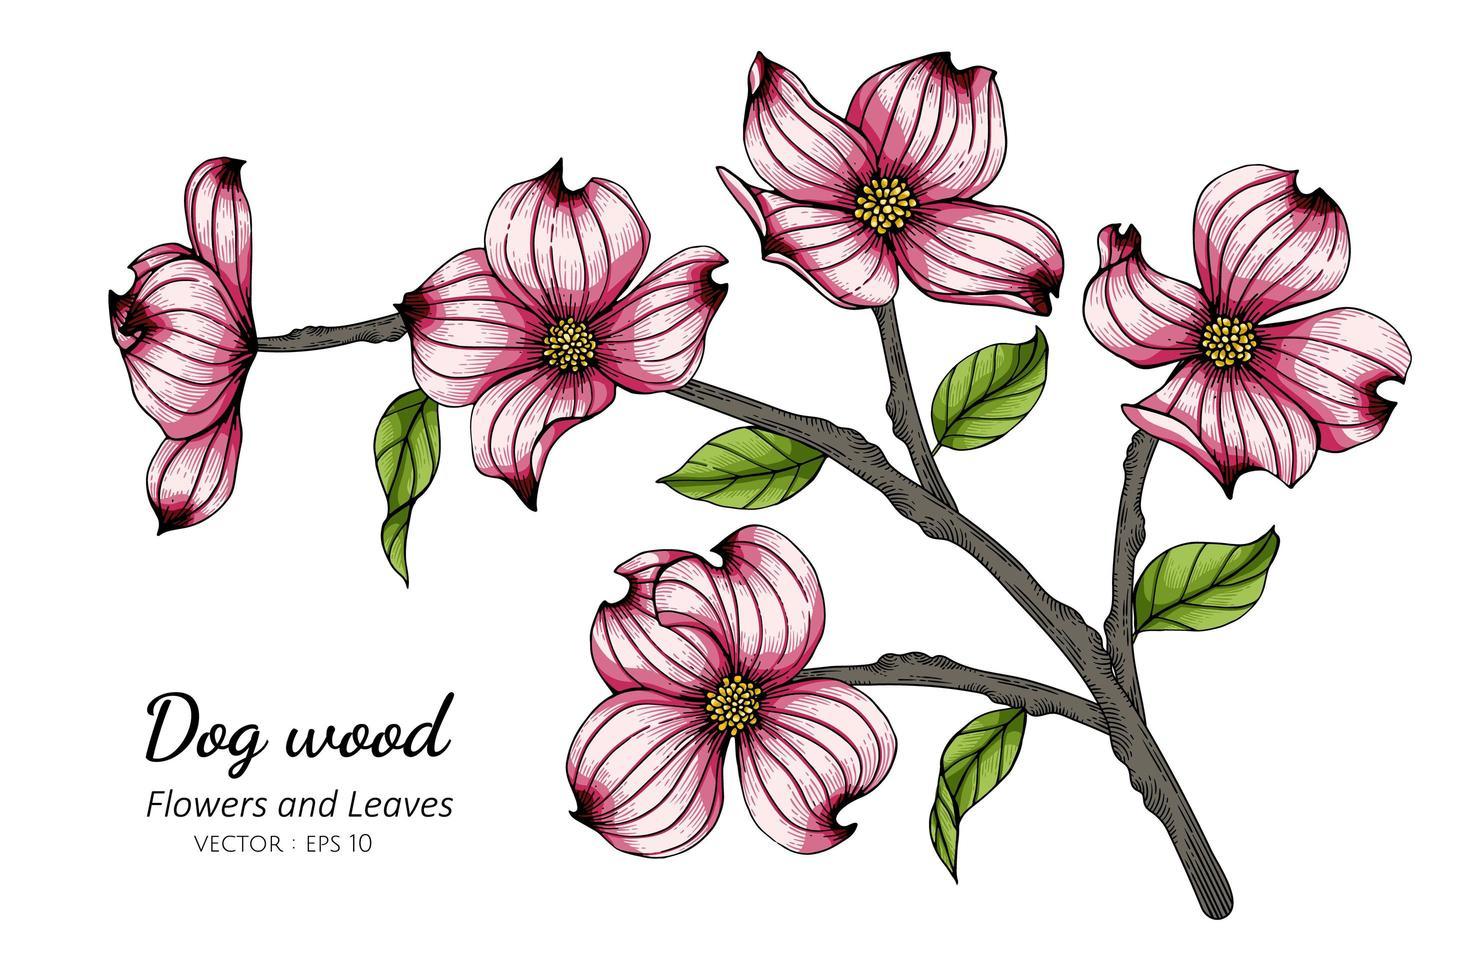 dibujo de flor y hoja de cornejo rosa vector